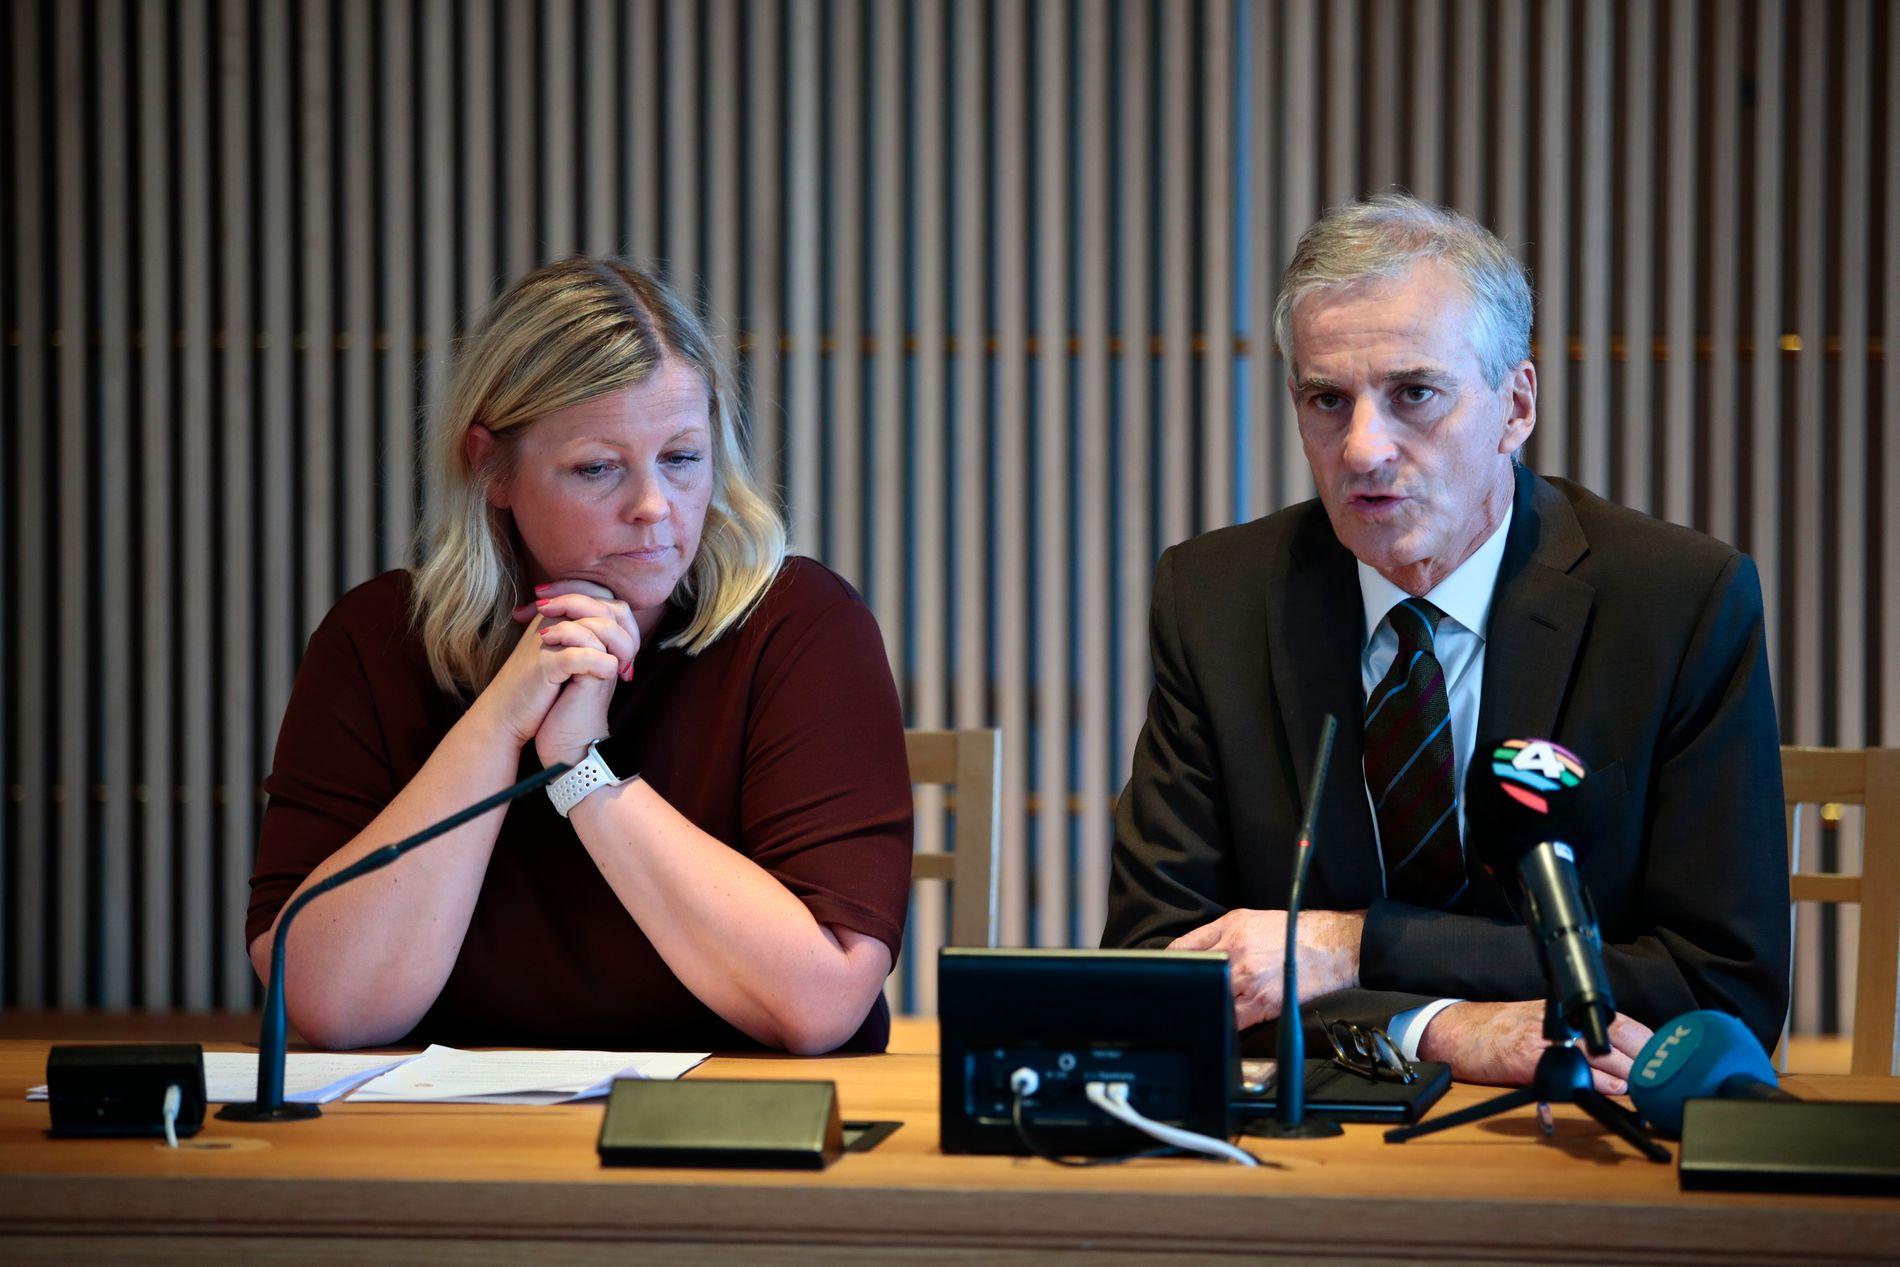 FORNØYD MED EGEN INNSATS: Partisekretær Kjersti Stenseng og partileder Jonas Gahr Støre under pressekonferansen tirsdag ettermiddag i Kinosalen på Stortinget.